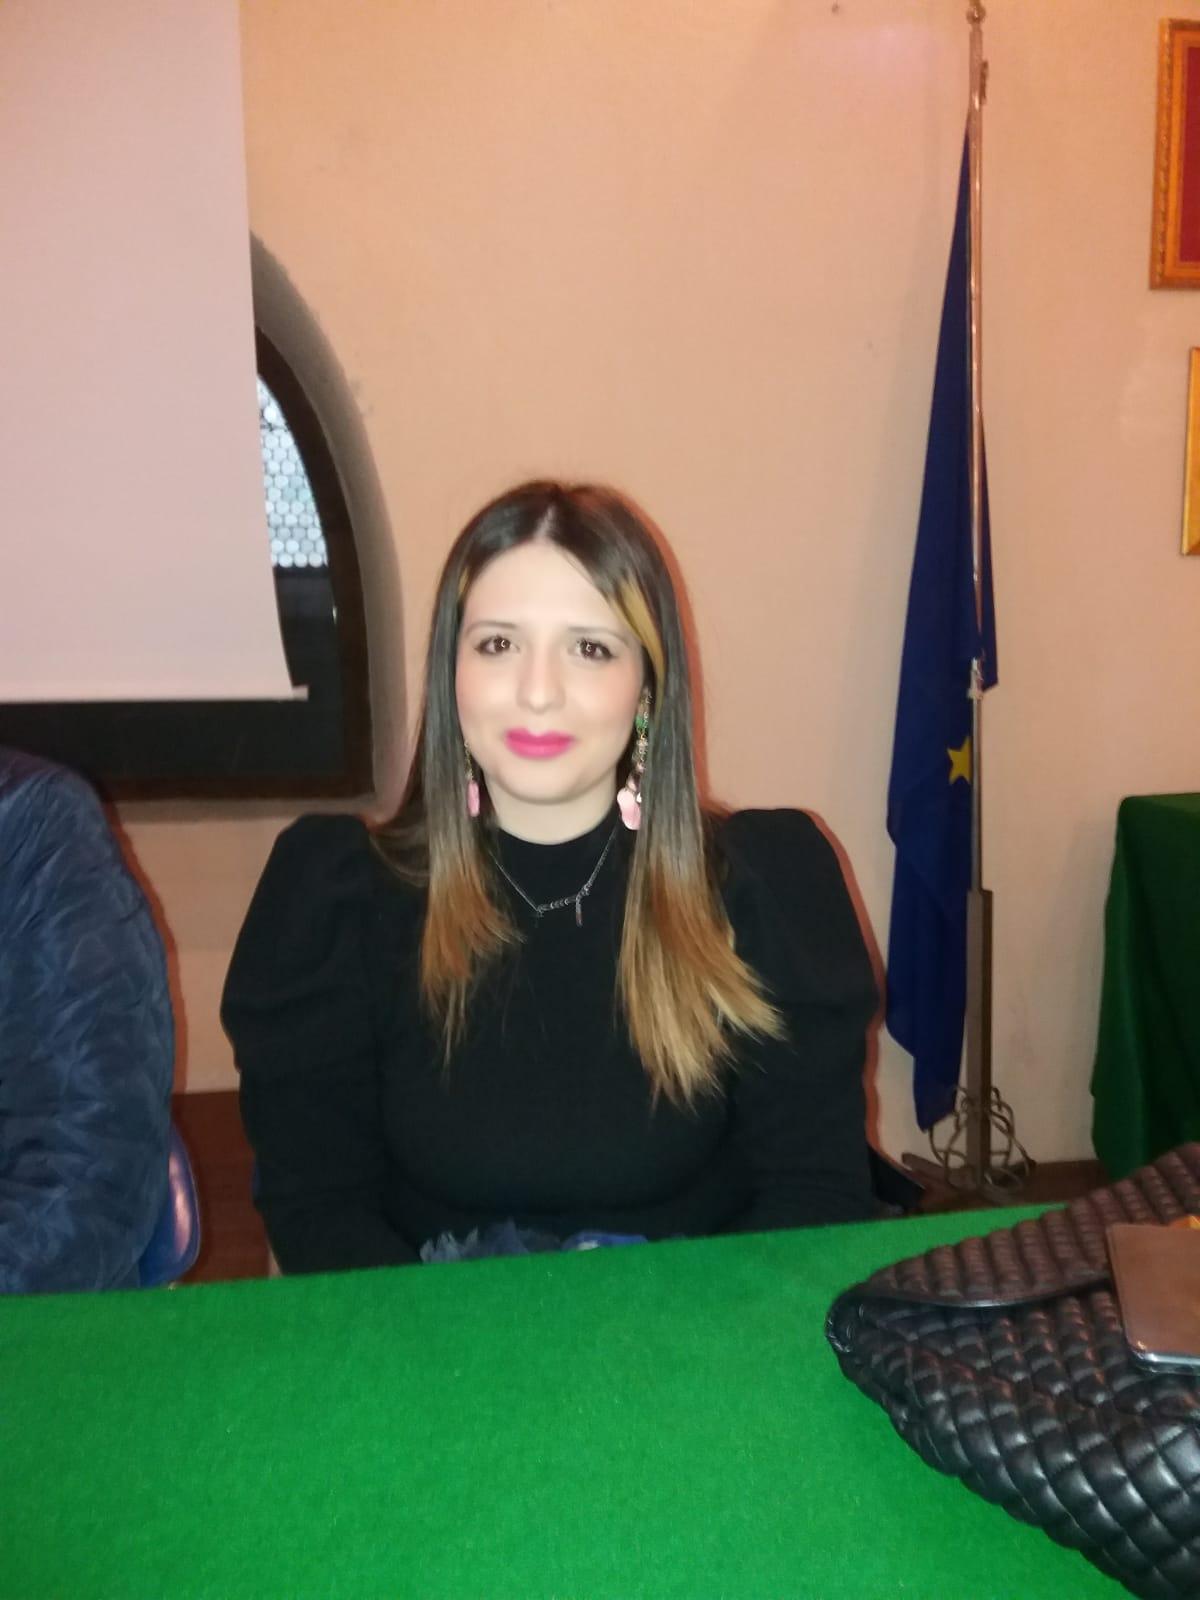 Assessore COZZA Sonia